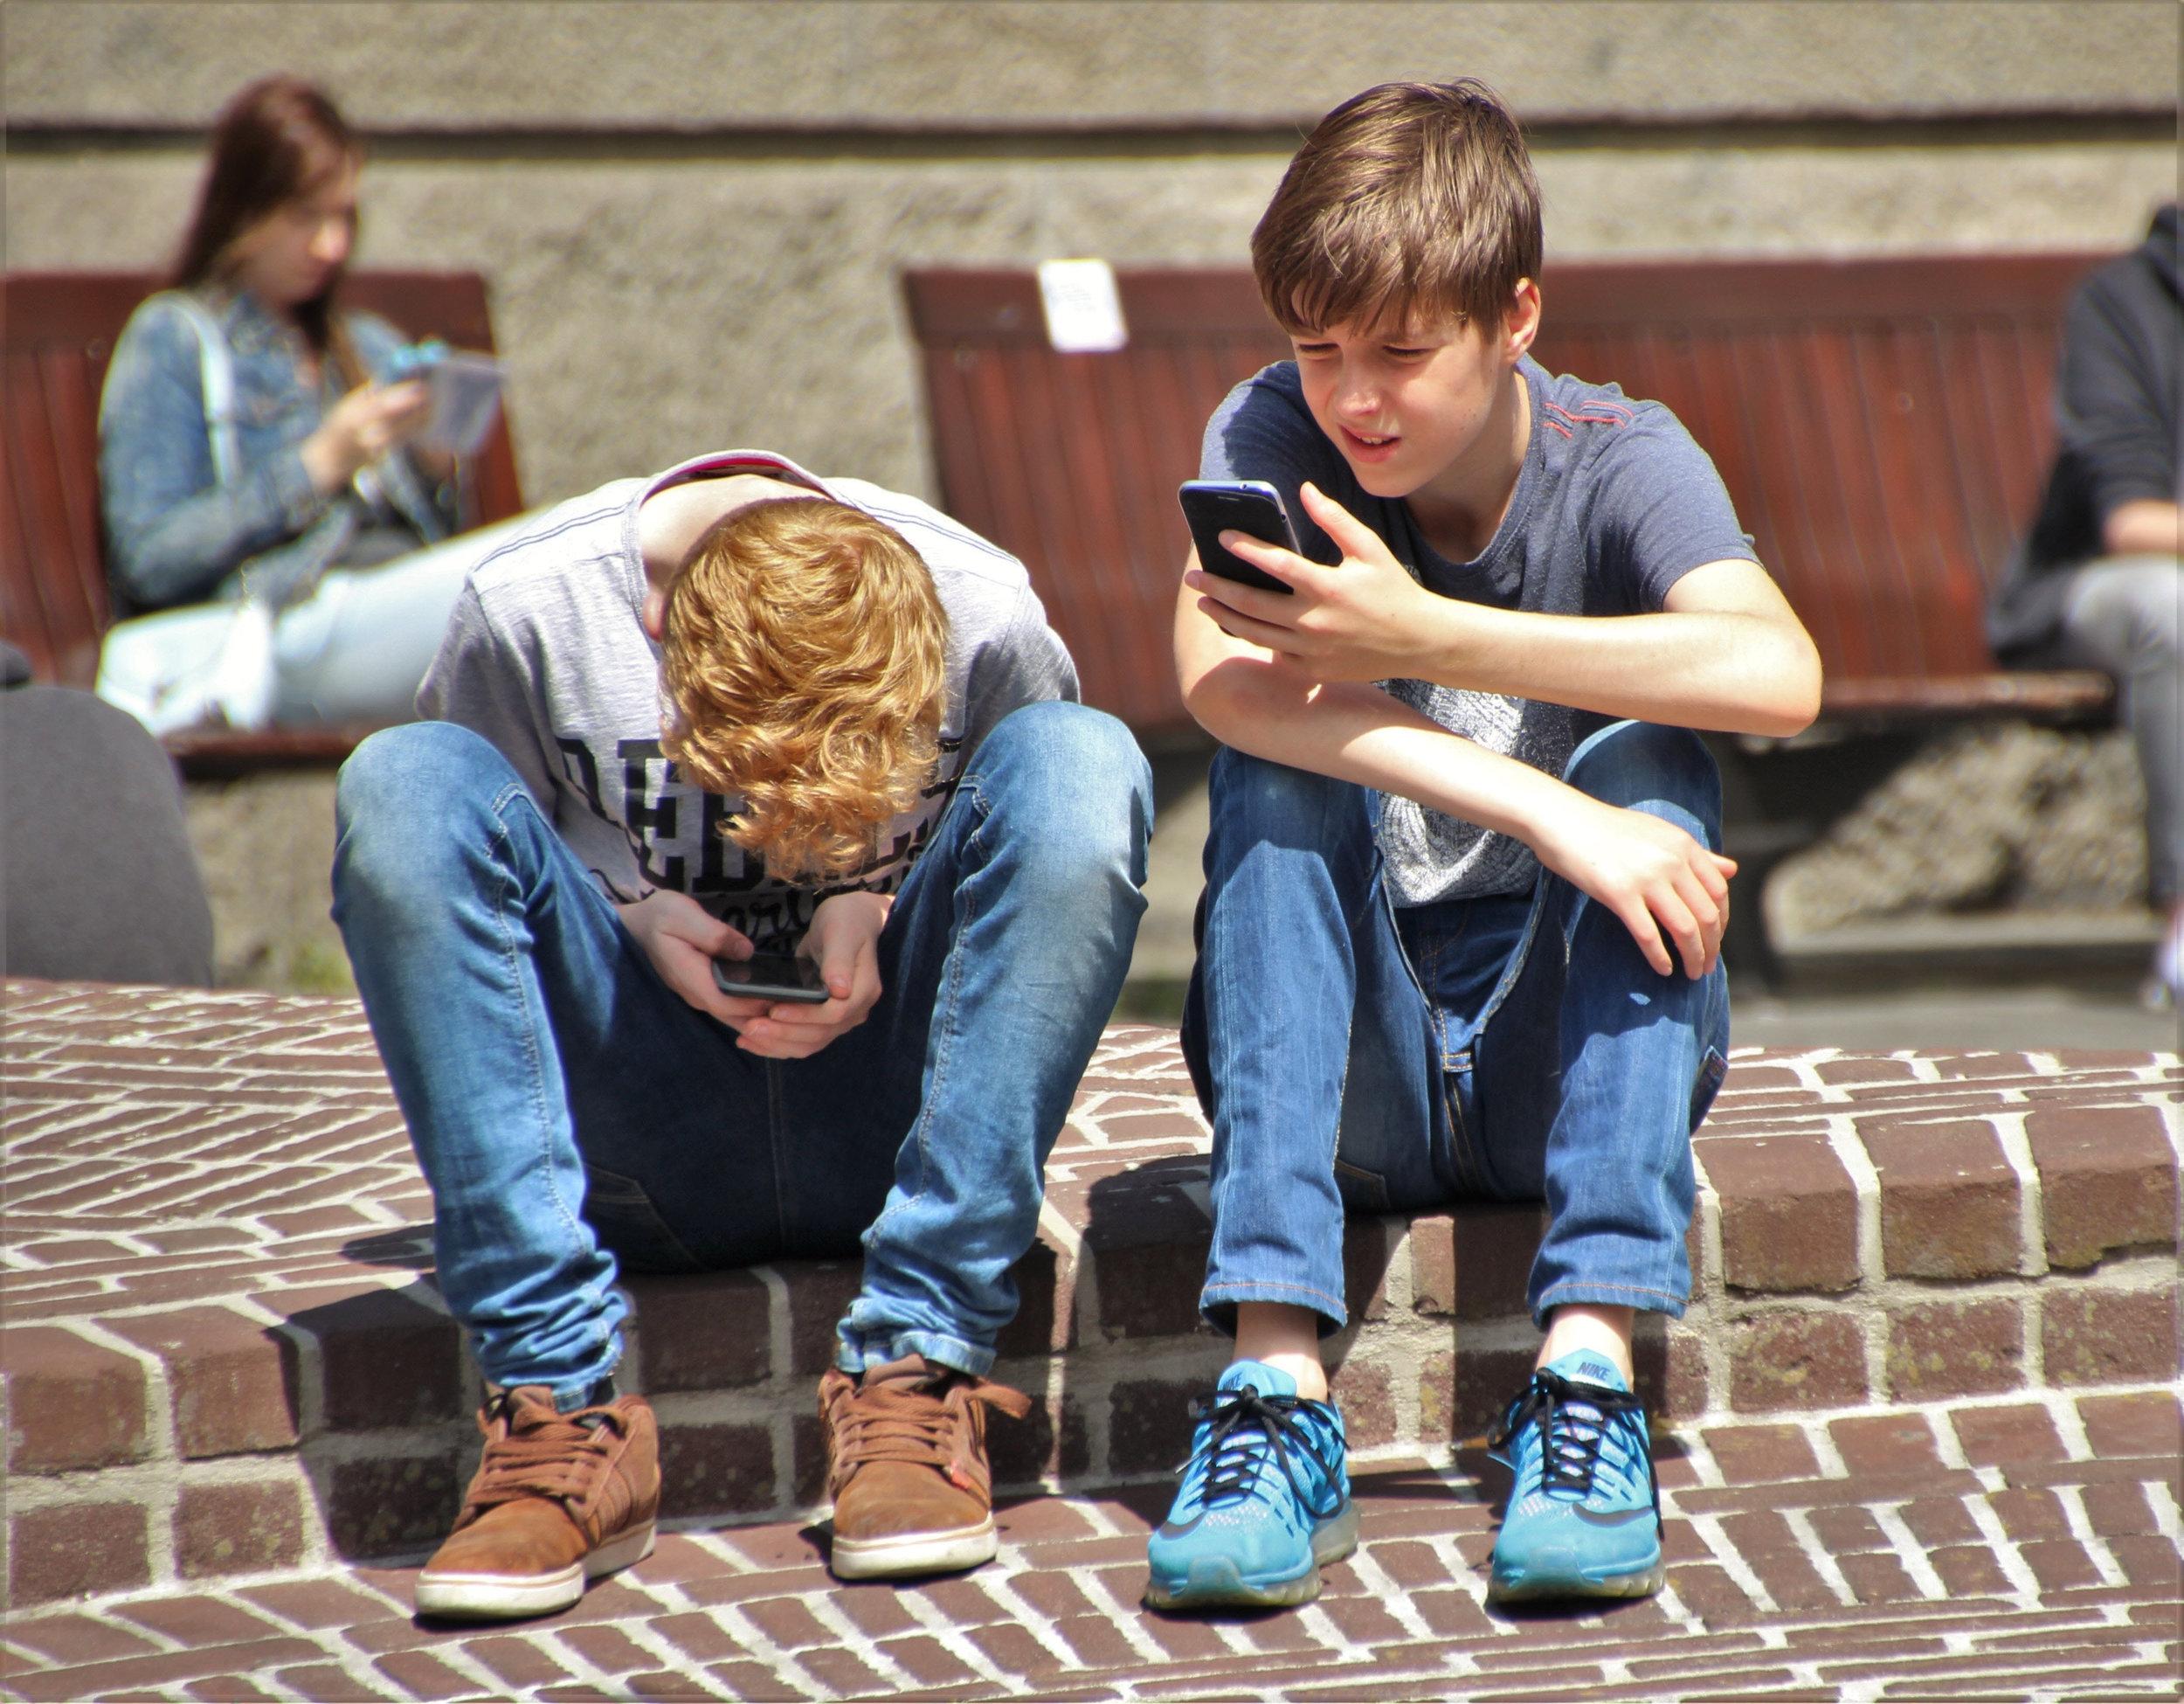 boys-cellphones-children-159395.jpg